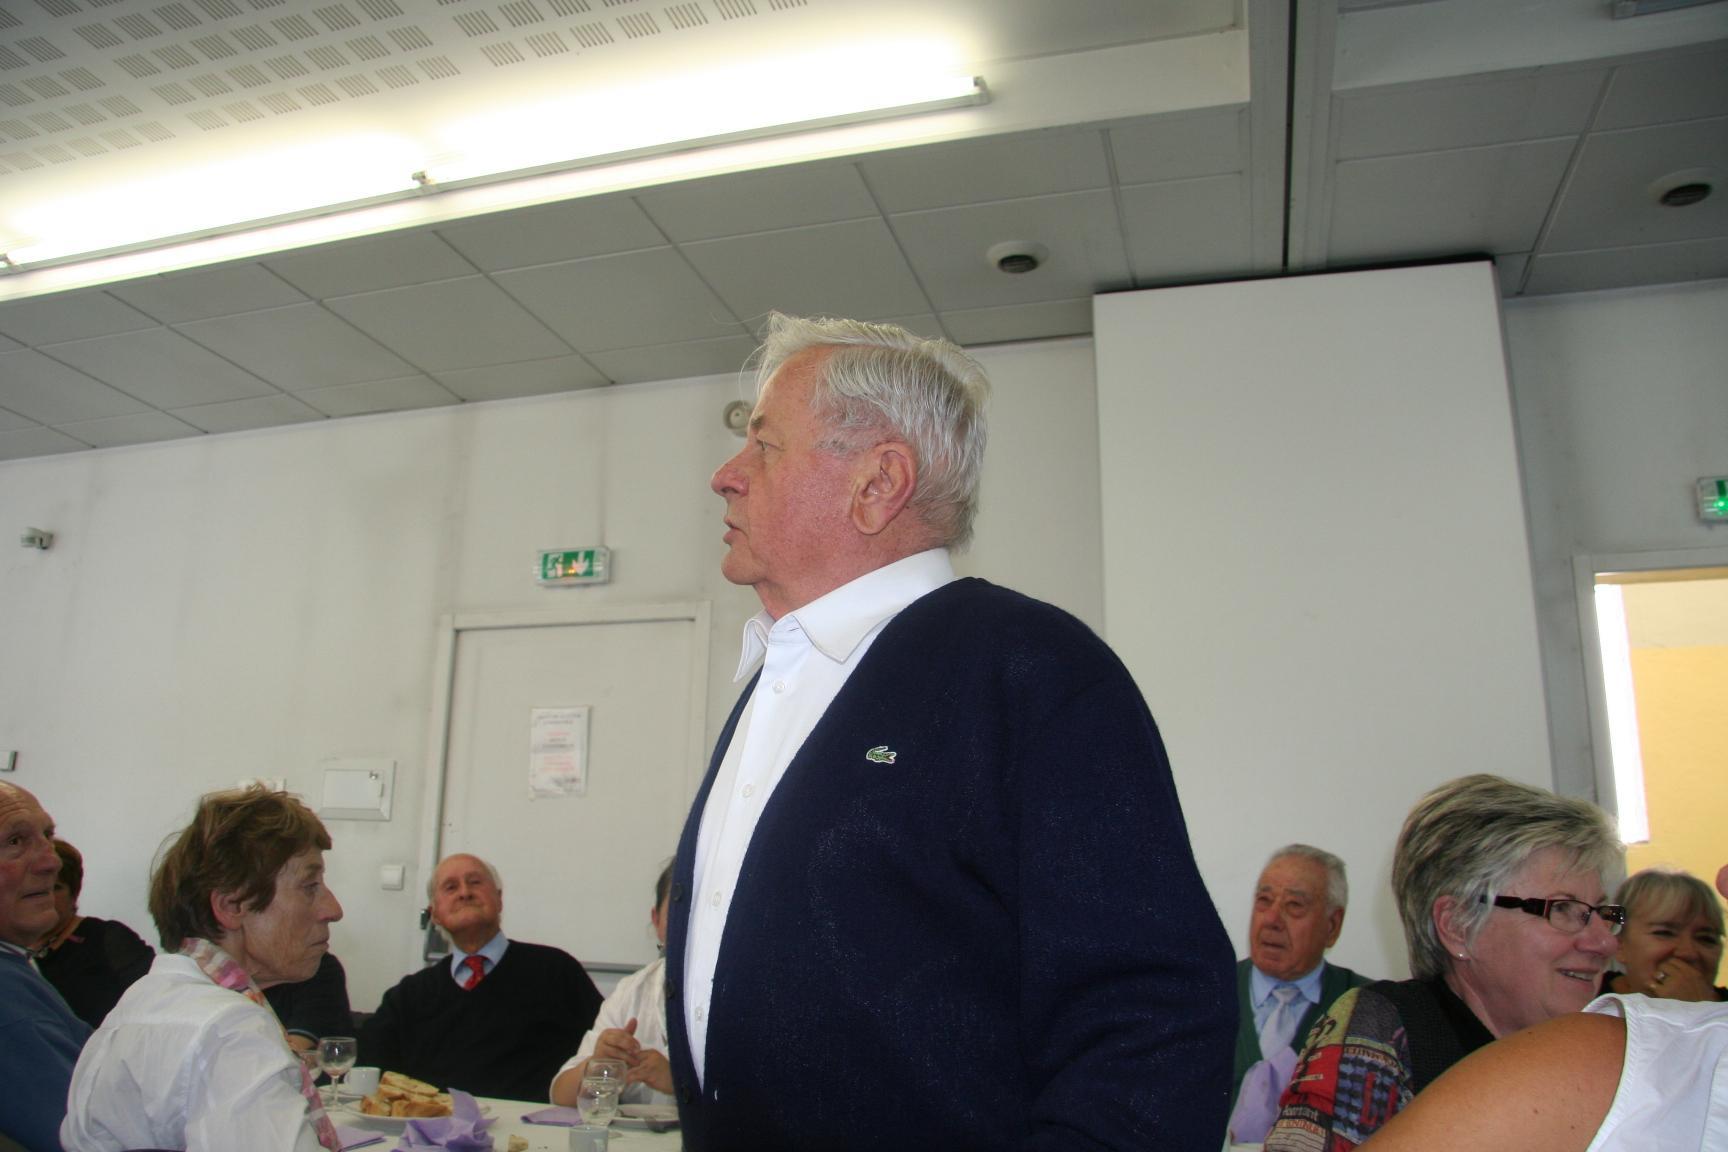 Jean chantant à notre congrès départemental de 2010 à Saint-Claude en présence de Raymond Aubrac